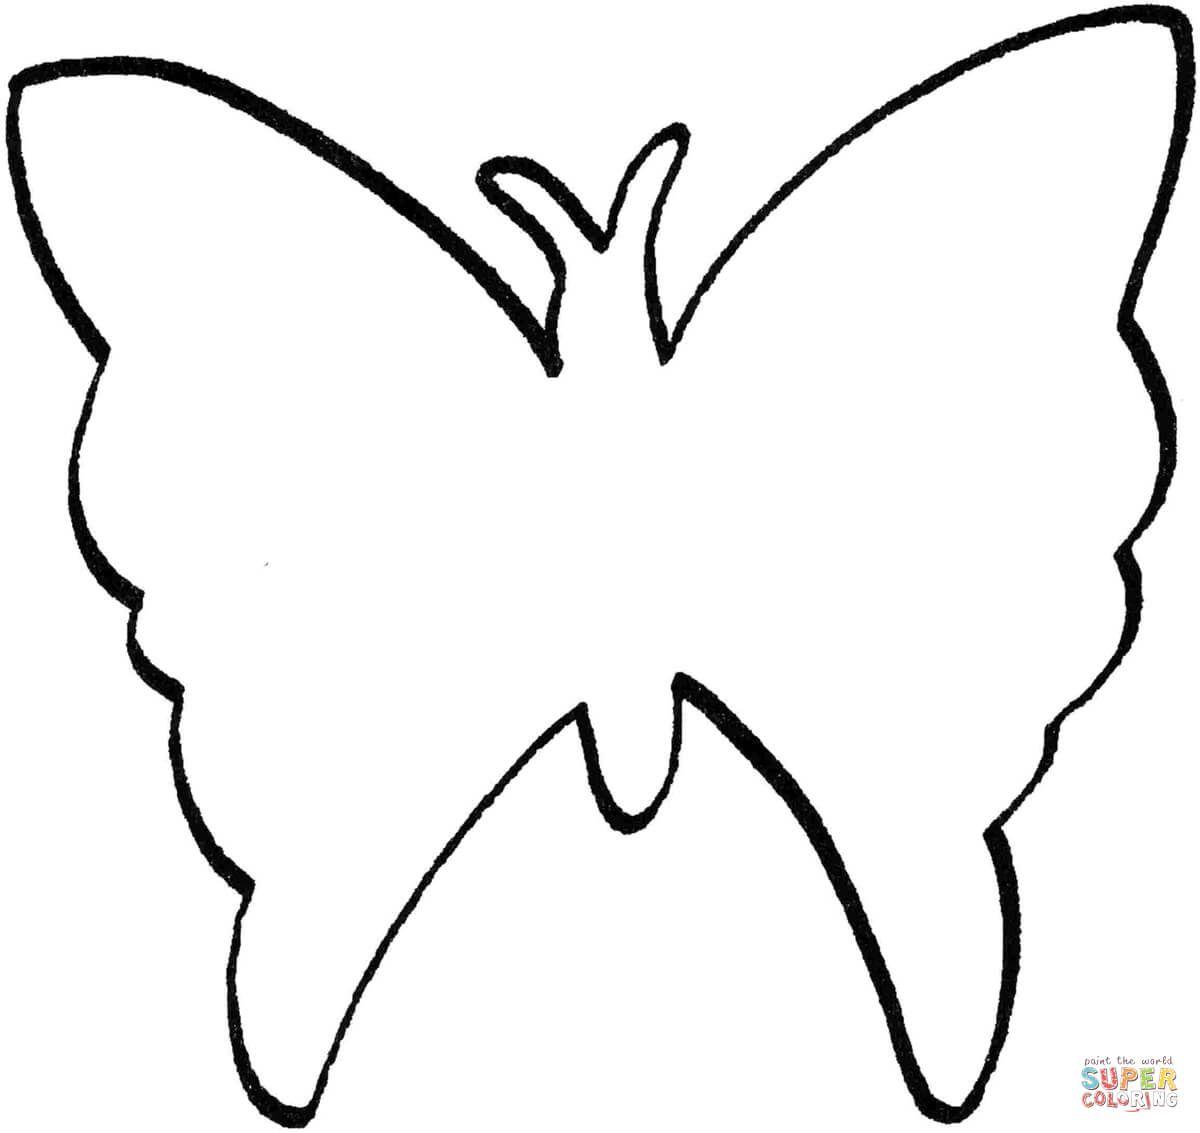 Resultado de imagen para mariposa silueta para colorear | MARIPOSAS ...